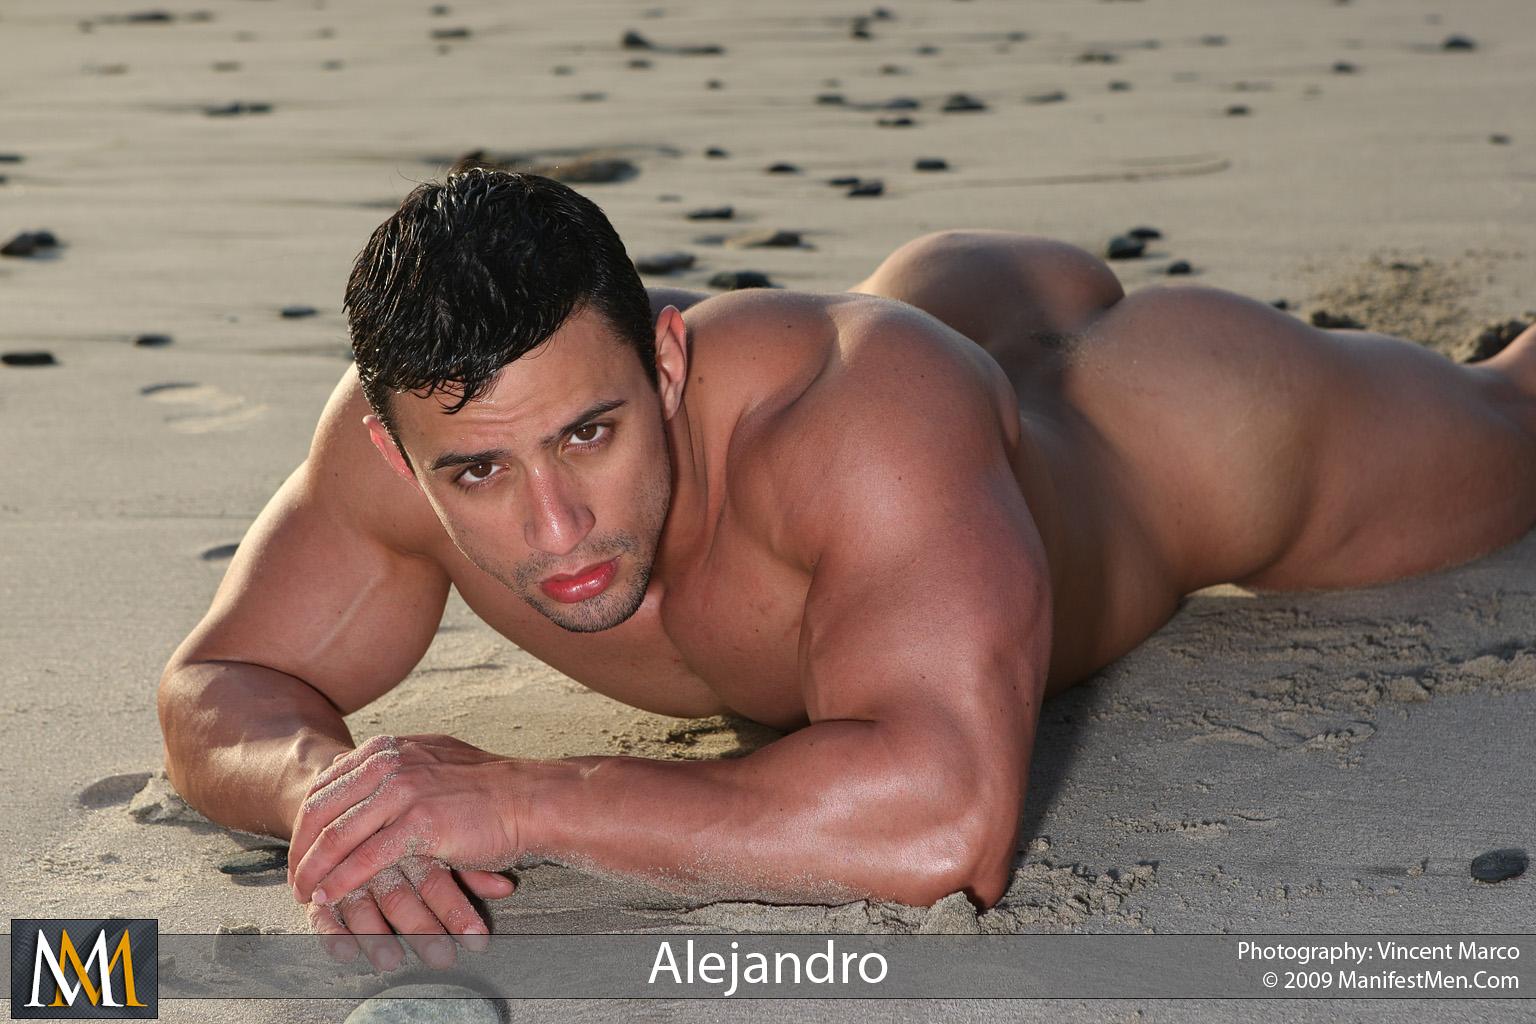 Alejandro de la guardia nude photos